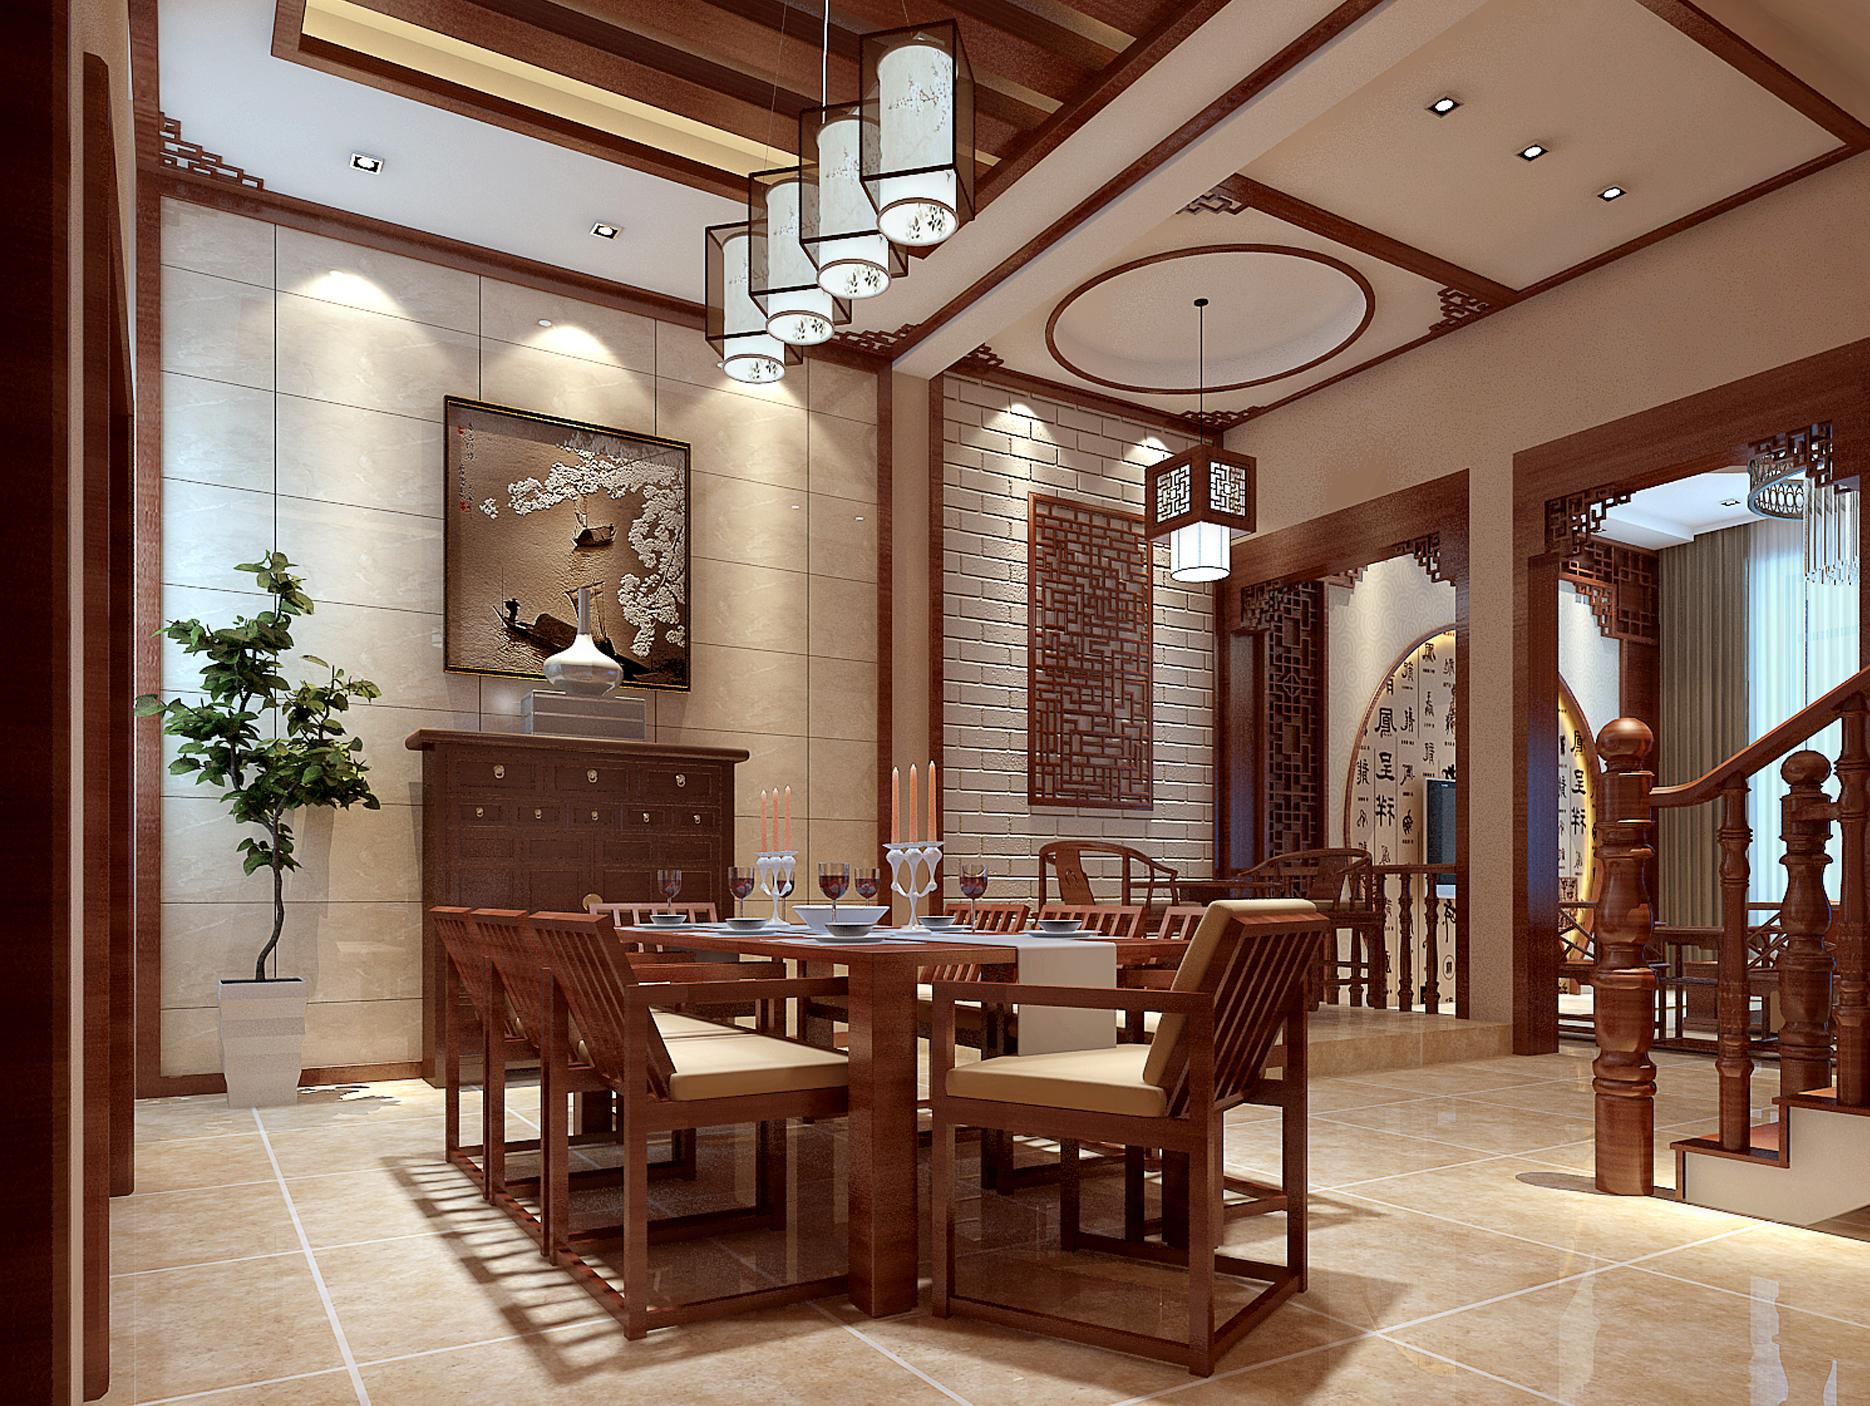 中式装修效果图_样板房中式餐厅装修效果图 – 设计本装修效果图